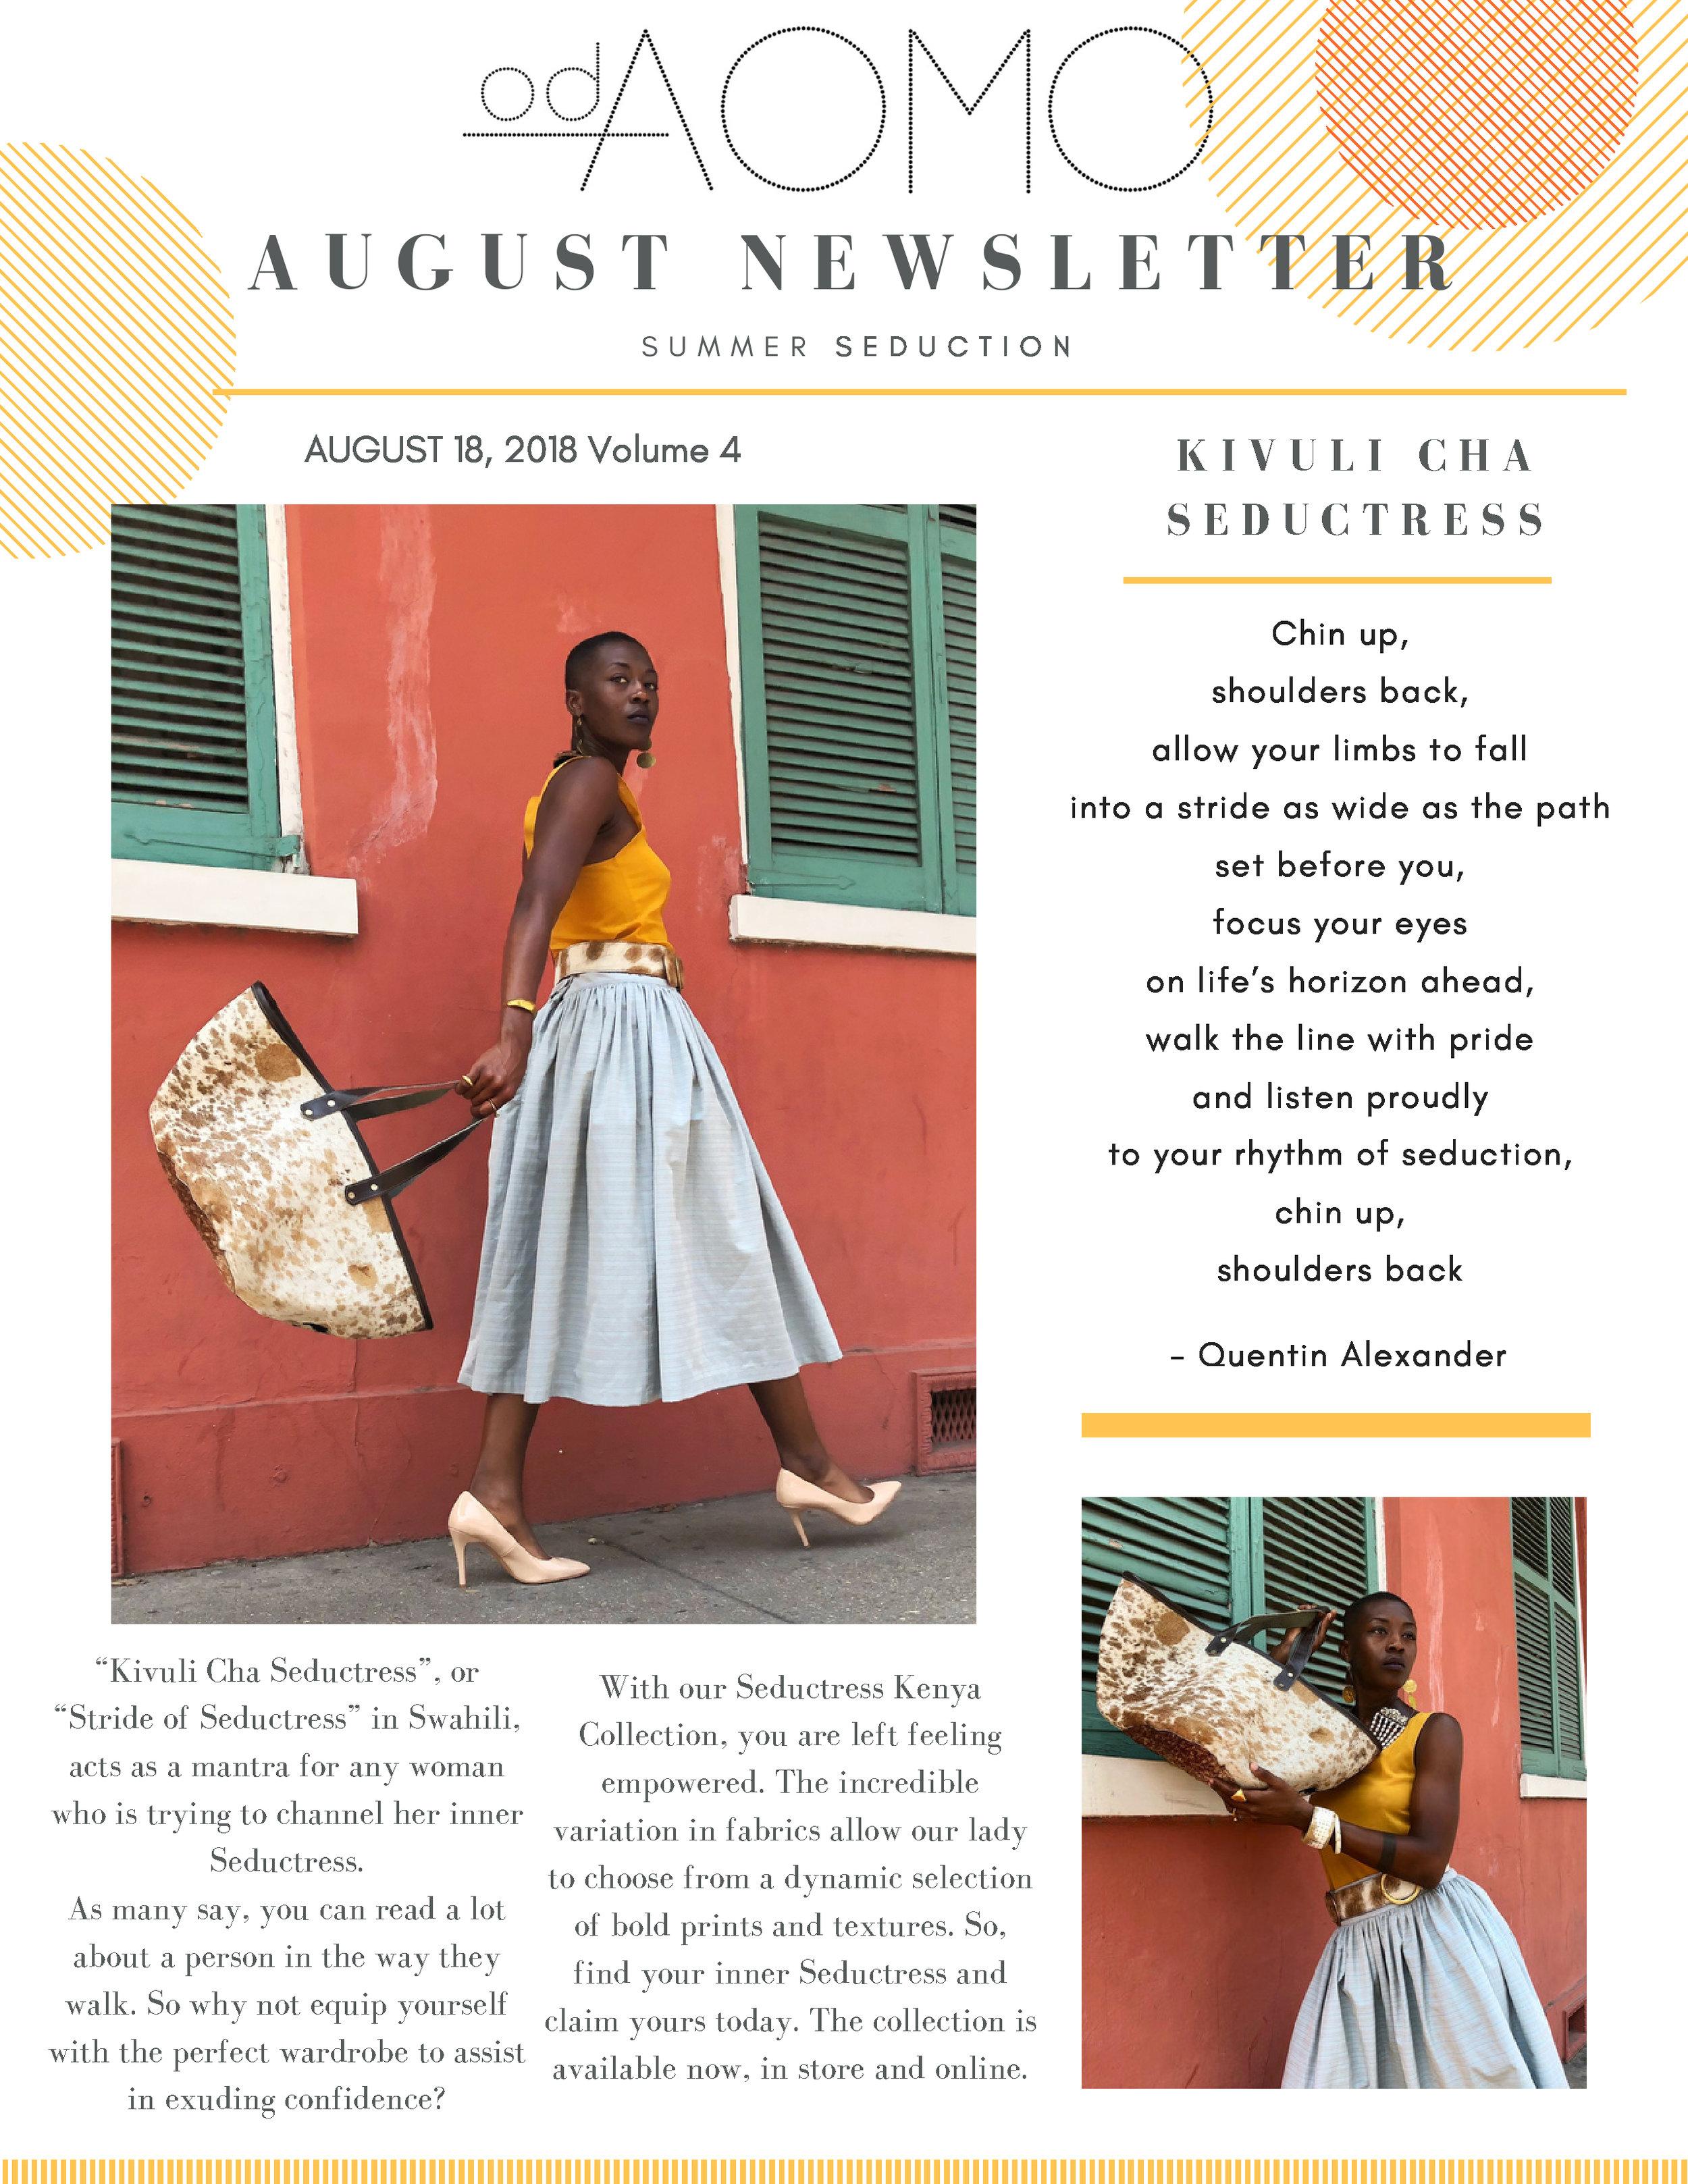 August Newsletter-1.jpg